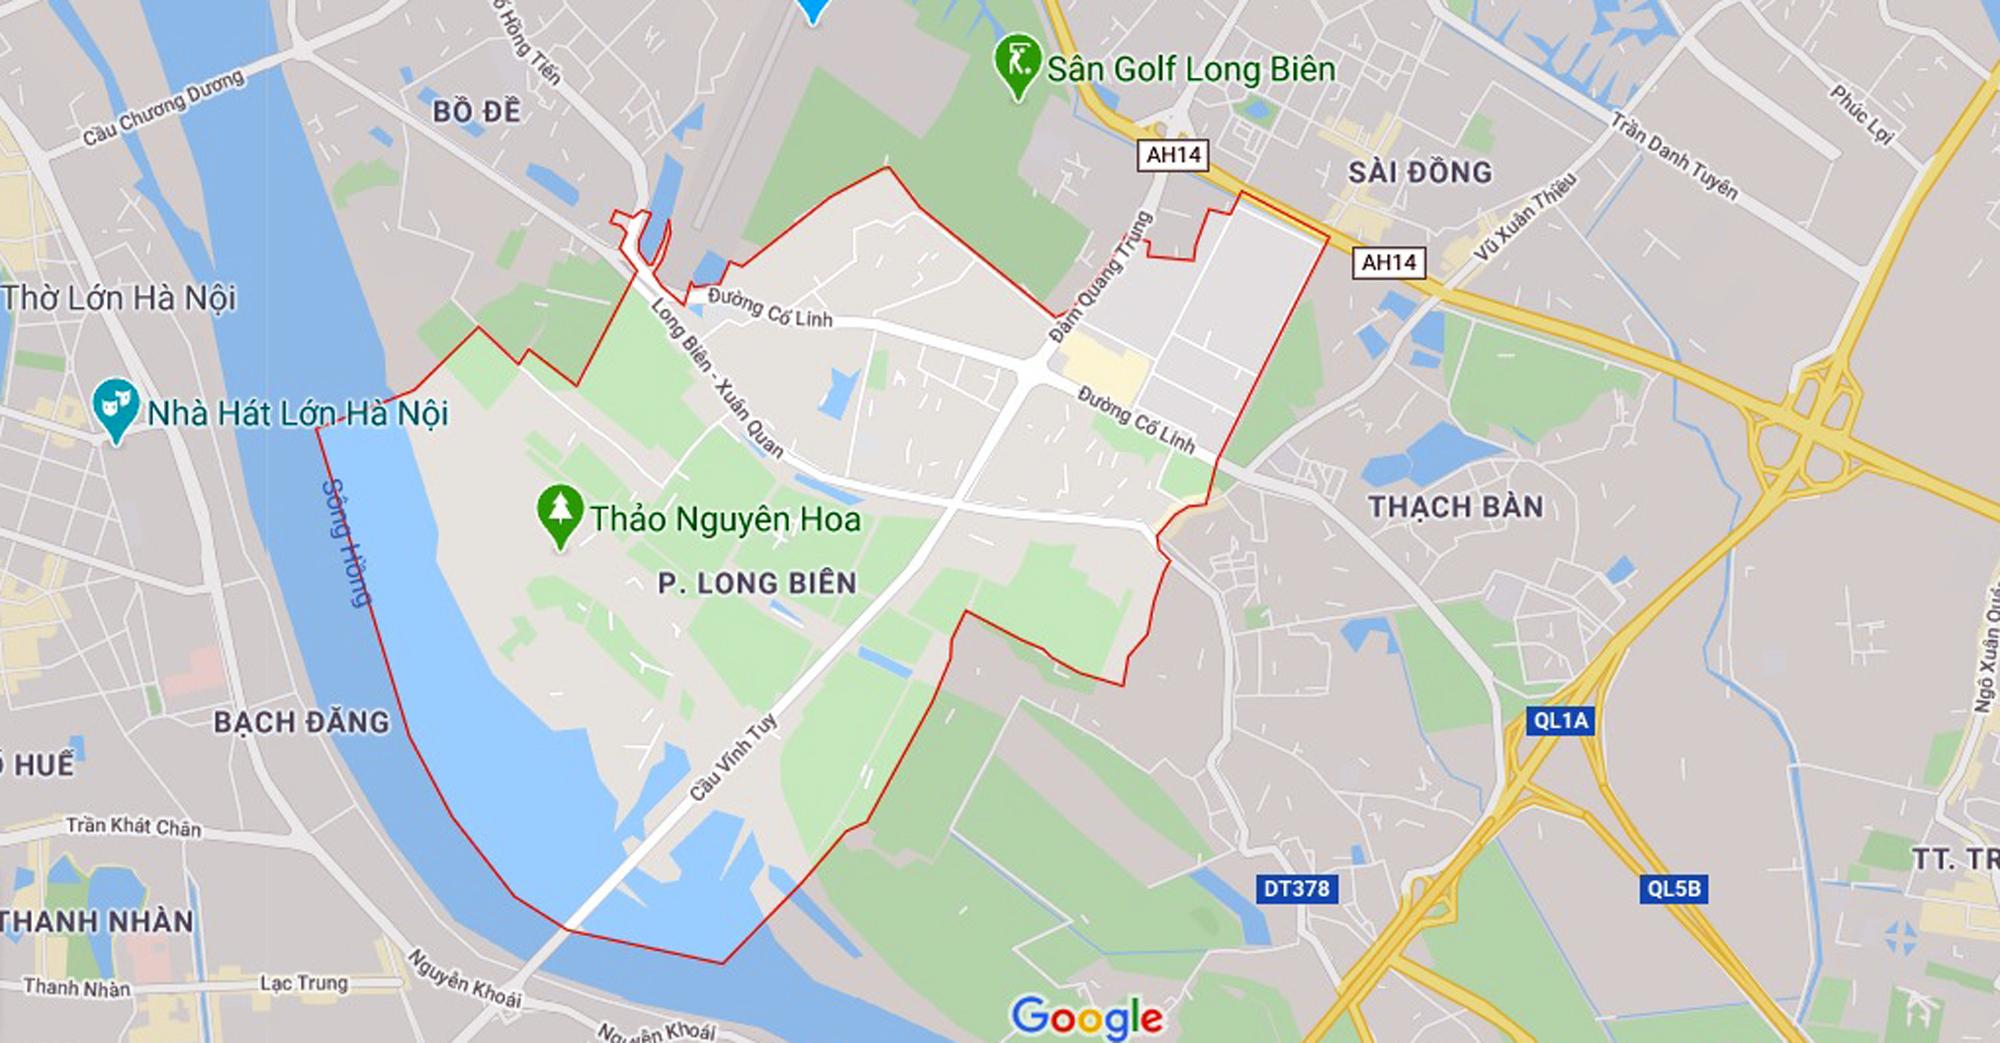 đường sẽ mở theo qui hoạch ở phường Long Biên, quận Long Biên, Hà Nội - Ảnh 1.